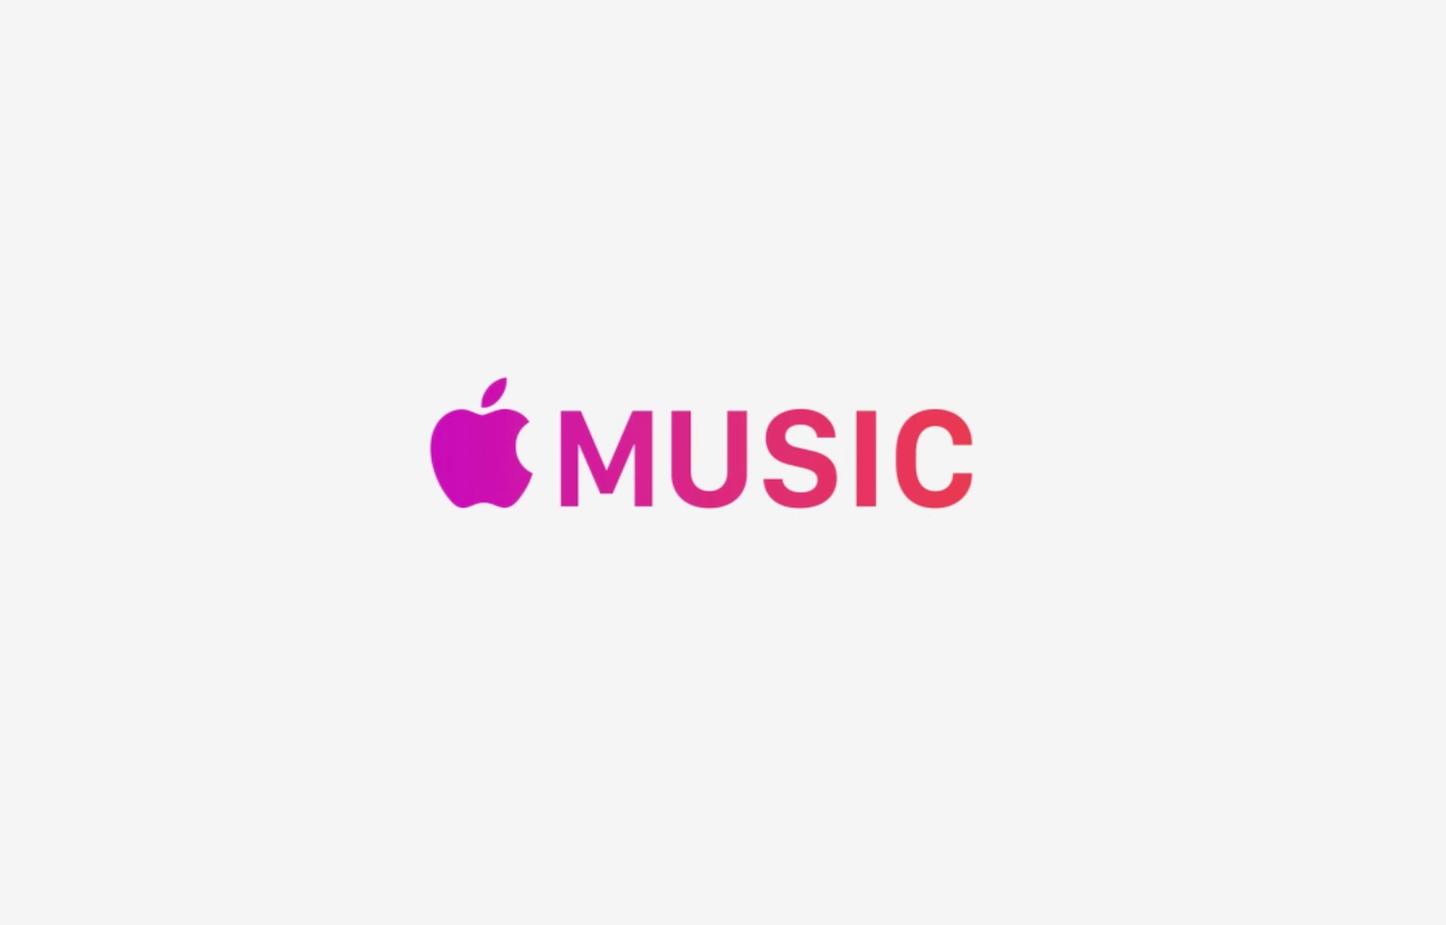 apple-music-logo-prvideo